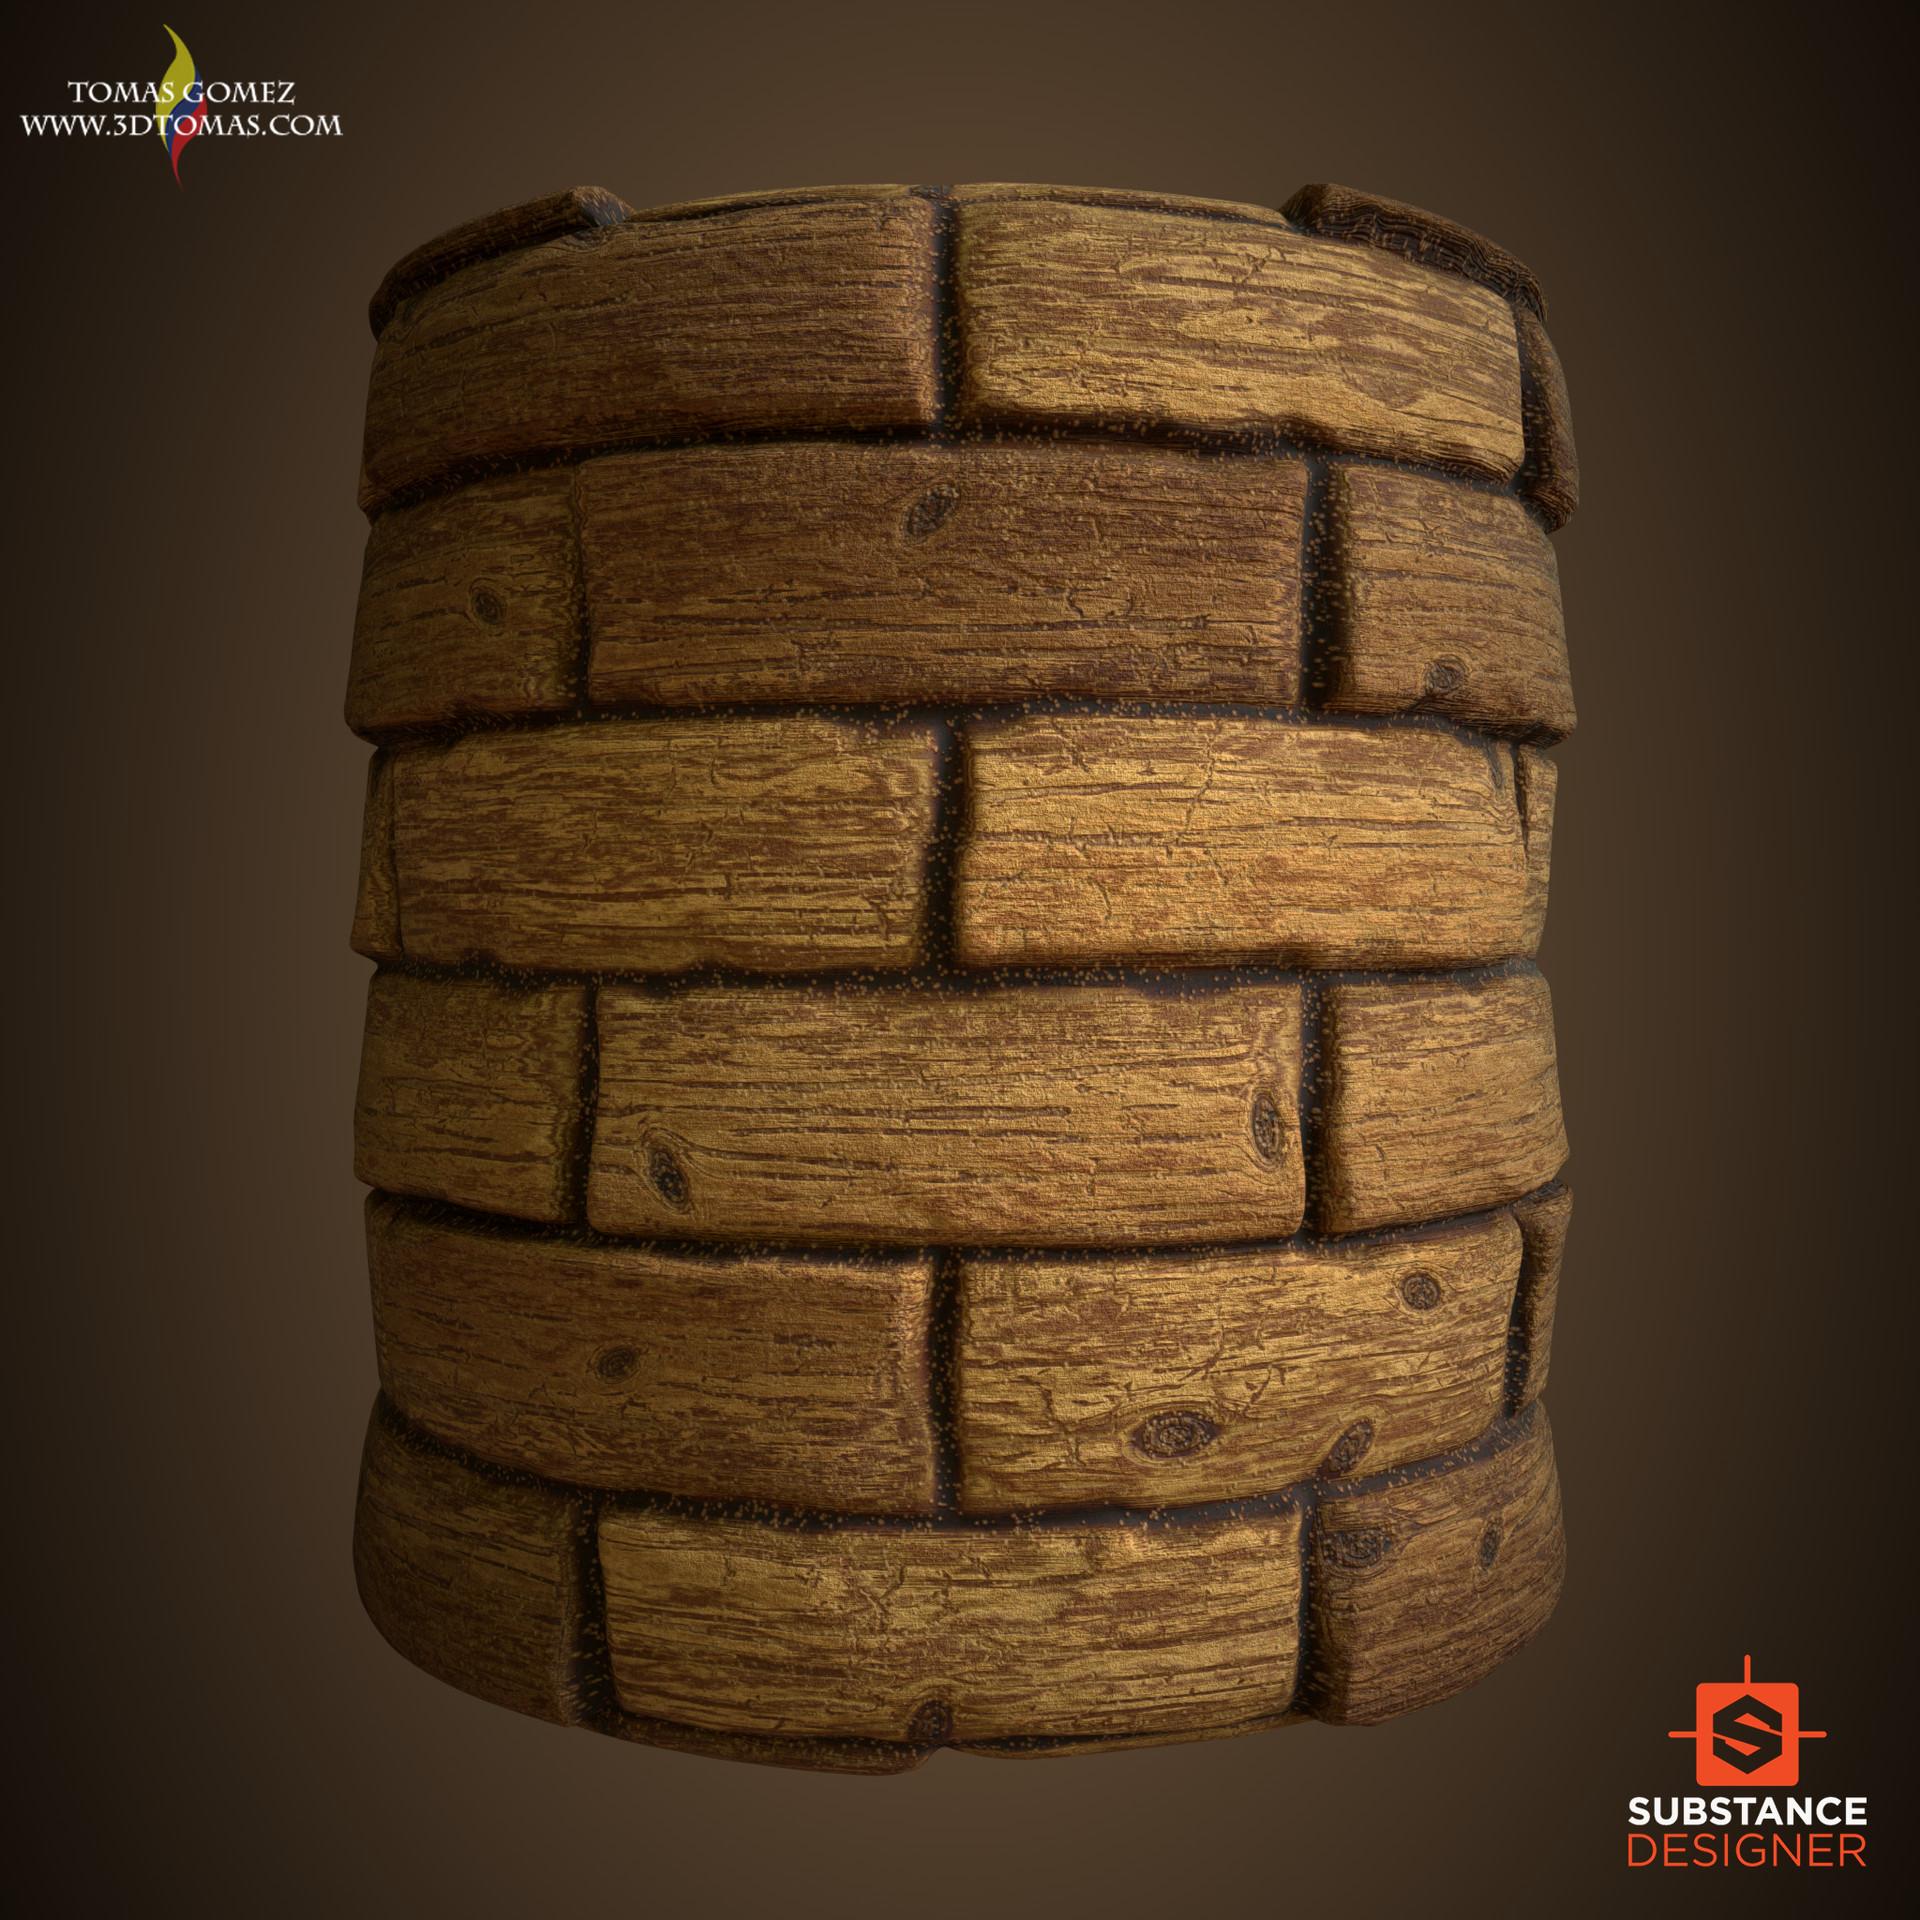 Tomas gomez wood render